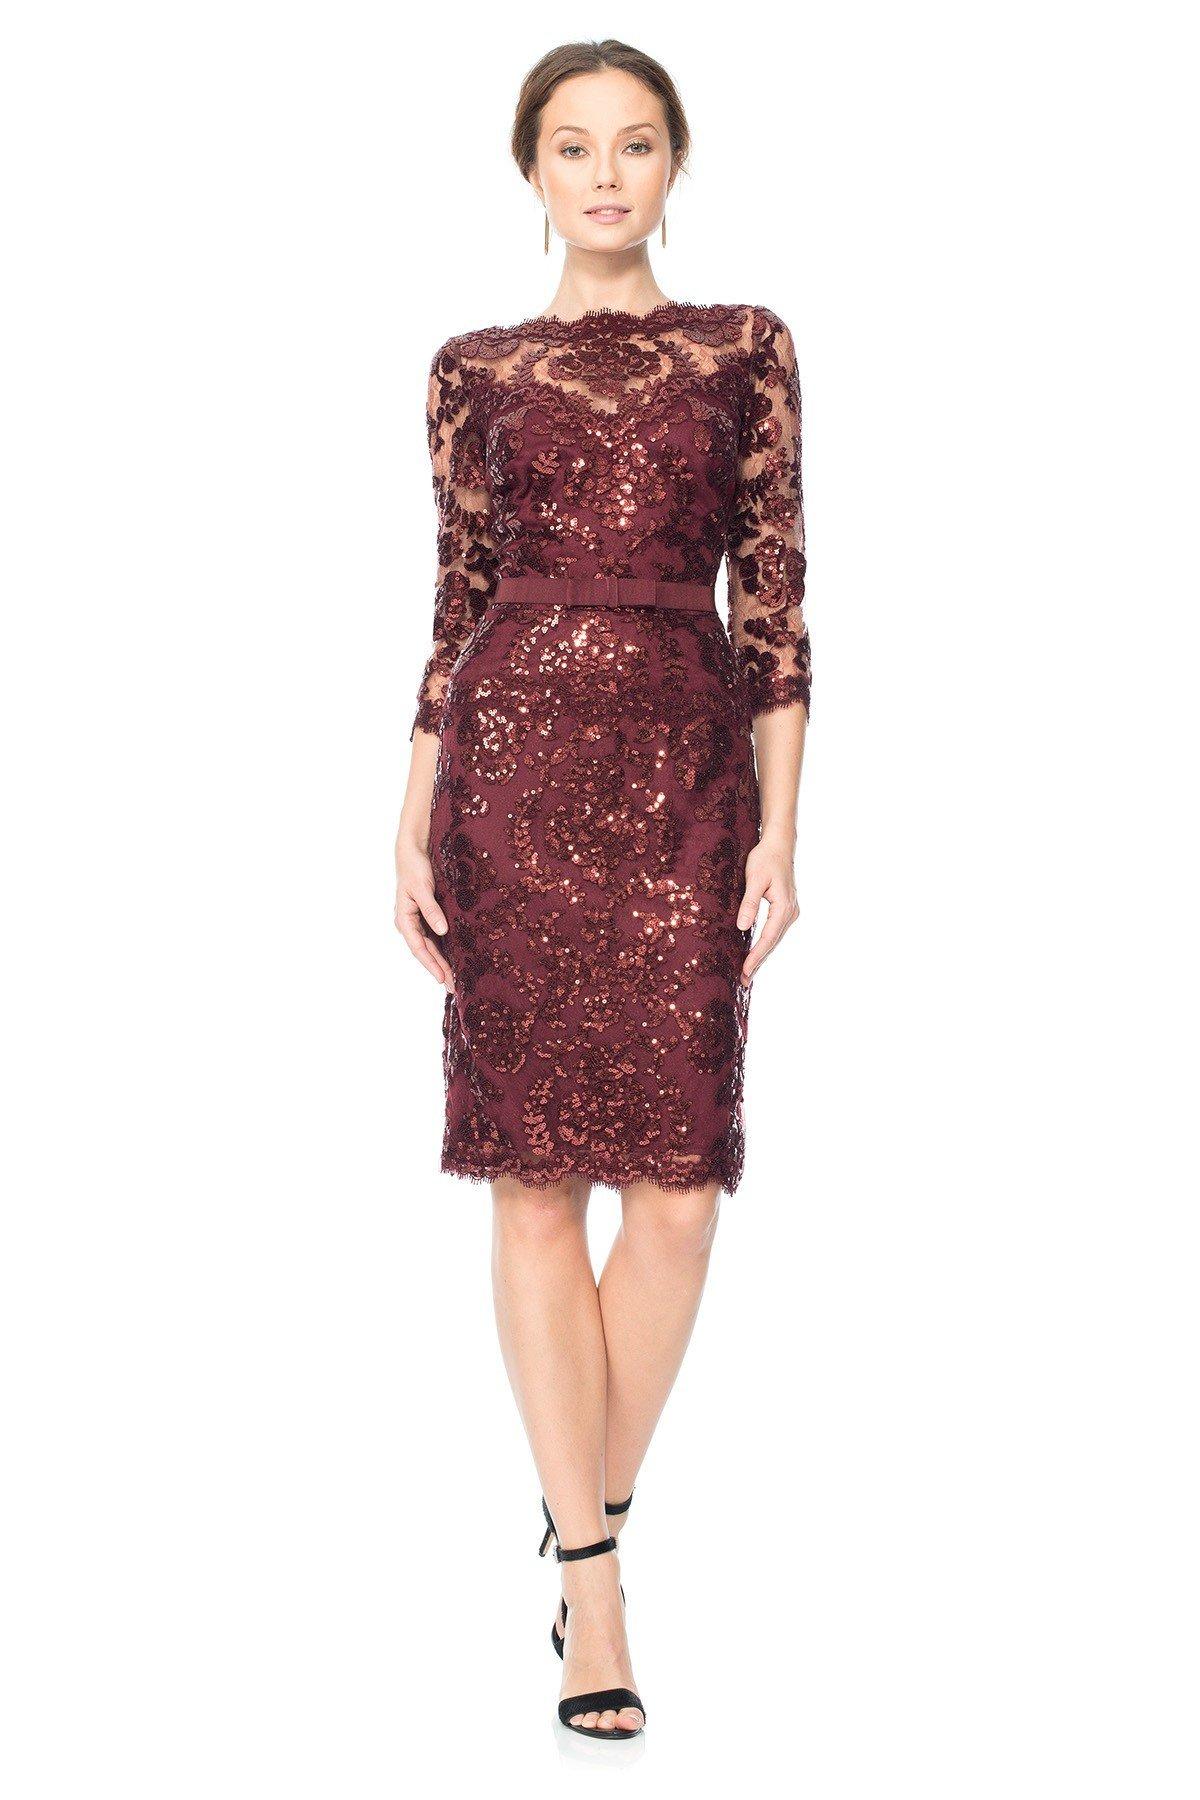 Кружевное платье цветом марсала